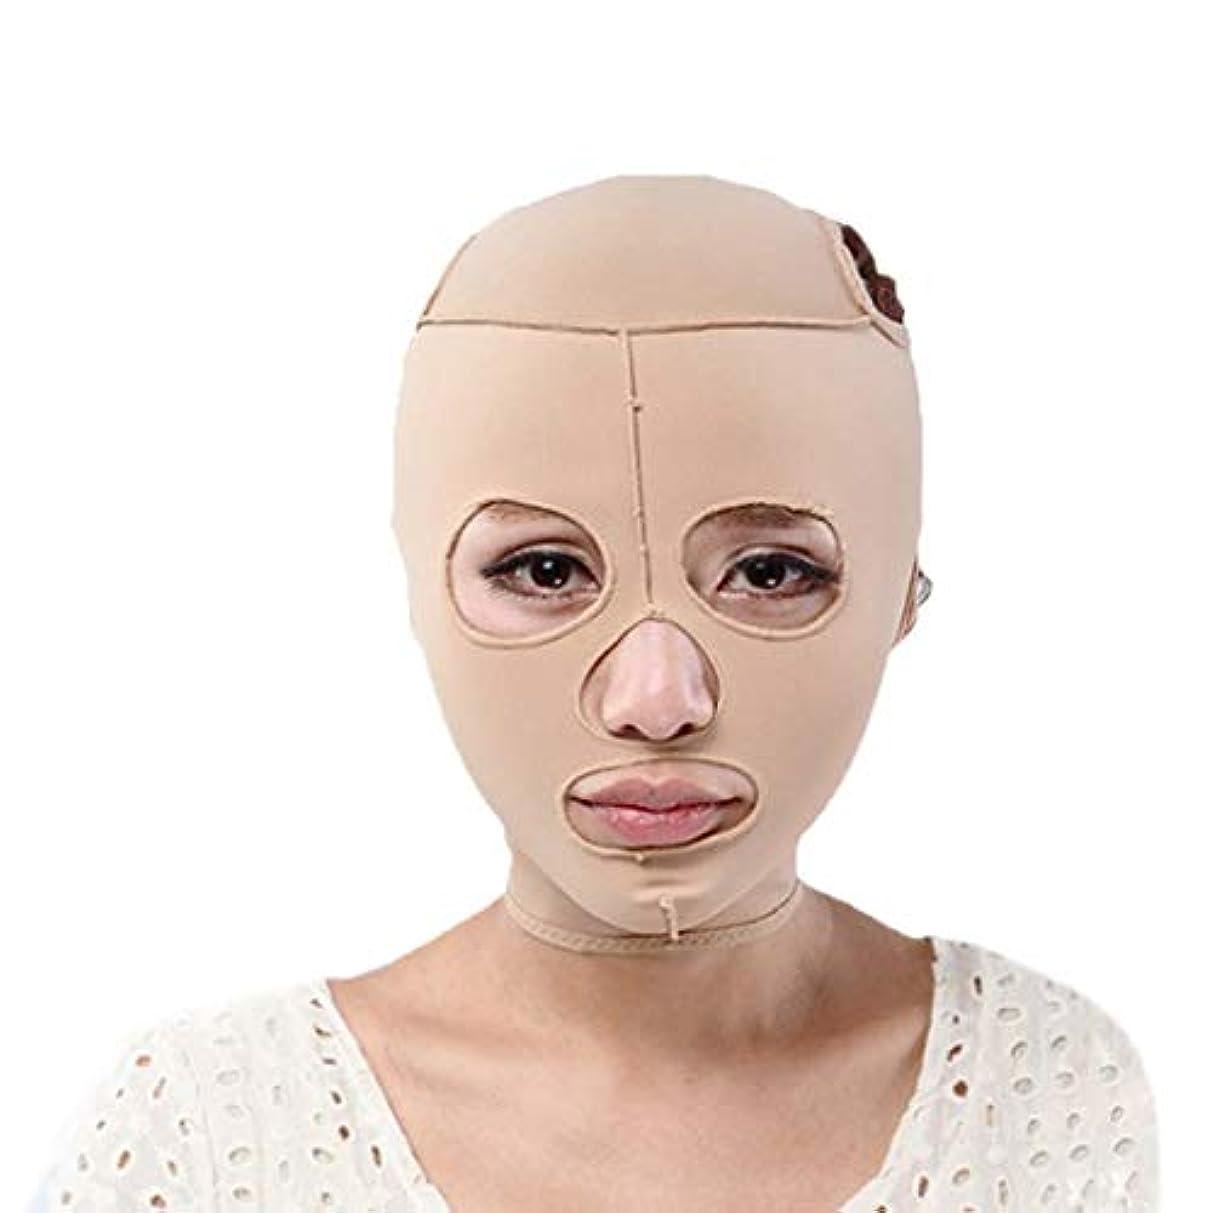 ボトルネック自分の力ですべてをする社説チンストラップ、顔の減量アンチシワマスク、快適な通気性マスク付きオールインクルーシブフェイス、薄型フェイスマスクリフティング包帯引き締め(サイズ:S),M